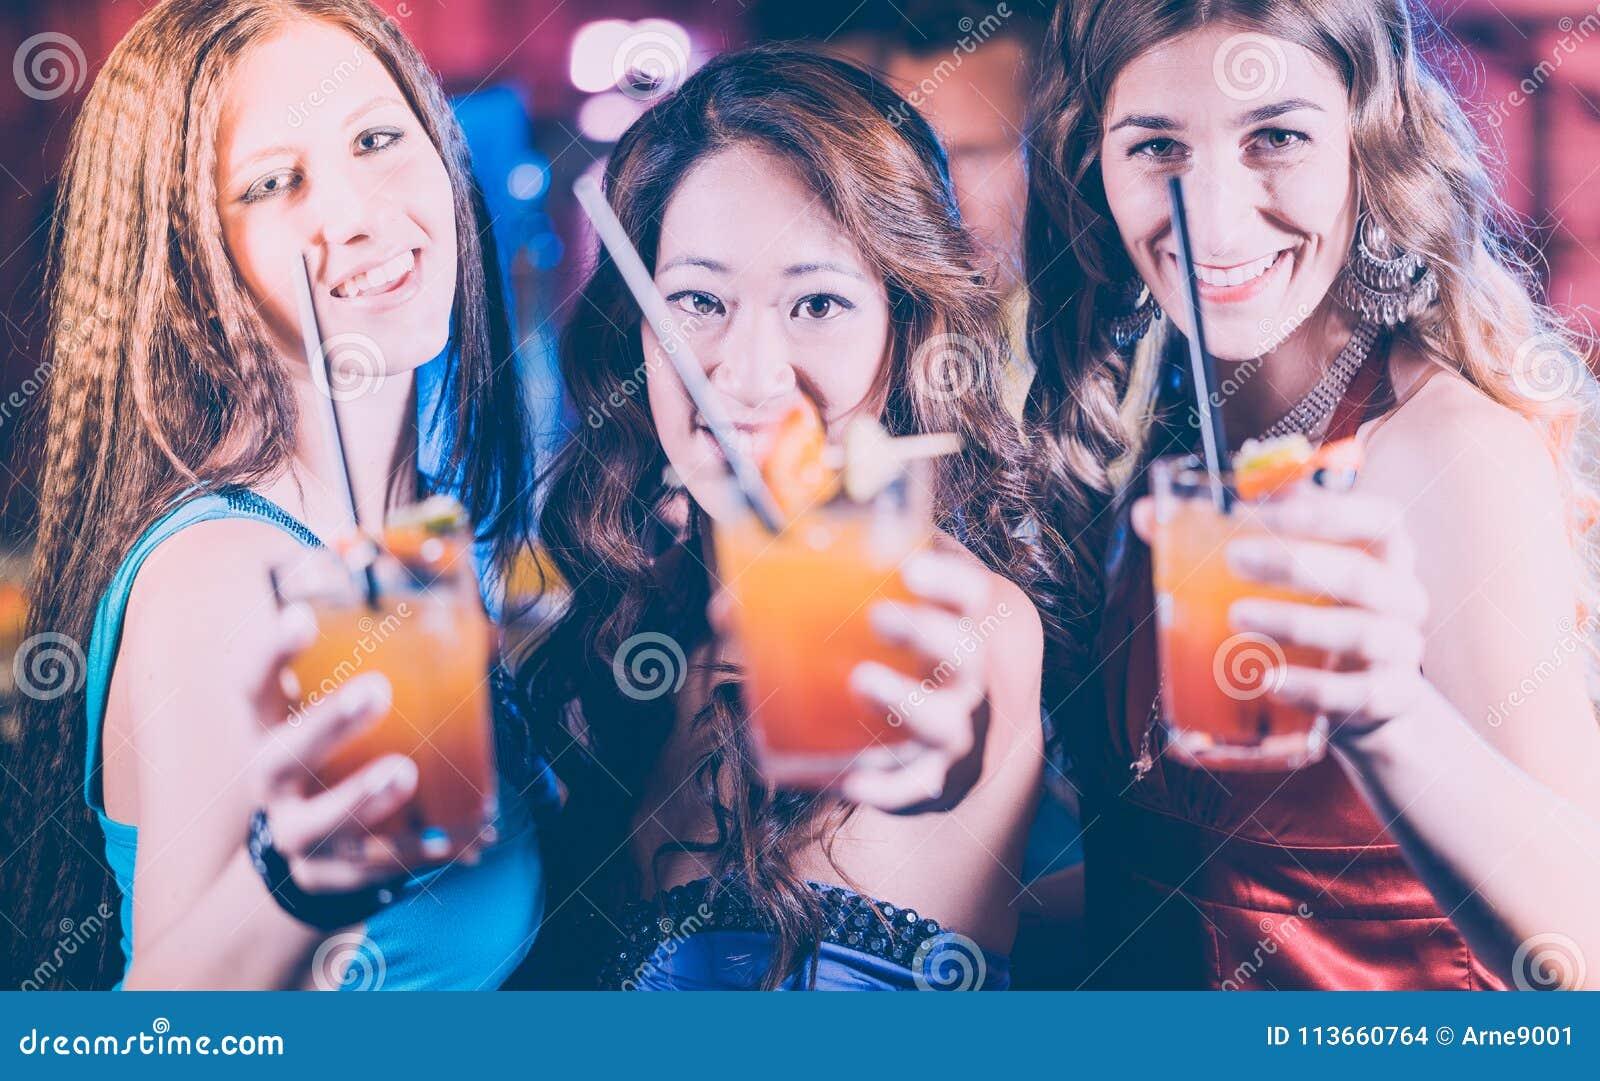 Groep partijmensen - vrouwen met cocktails in een bar of een club